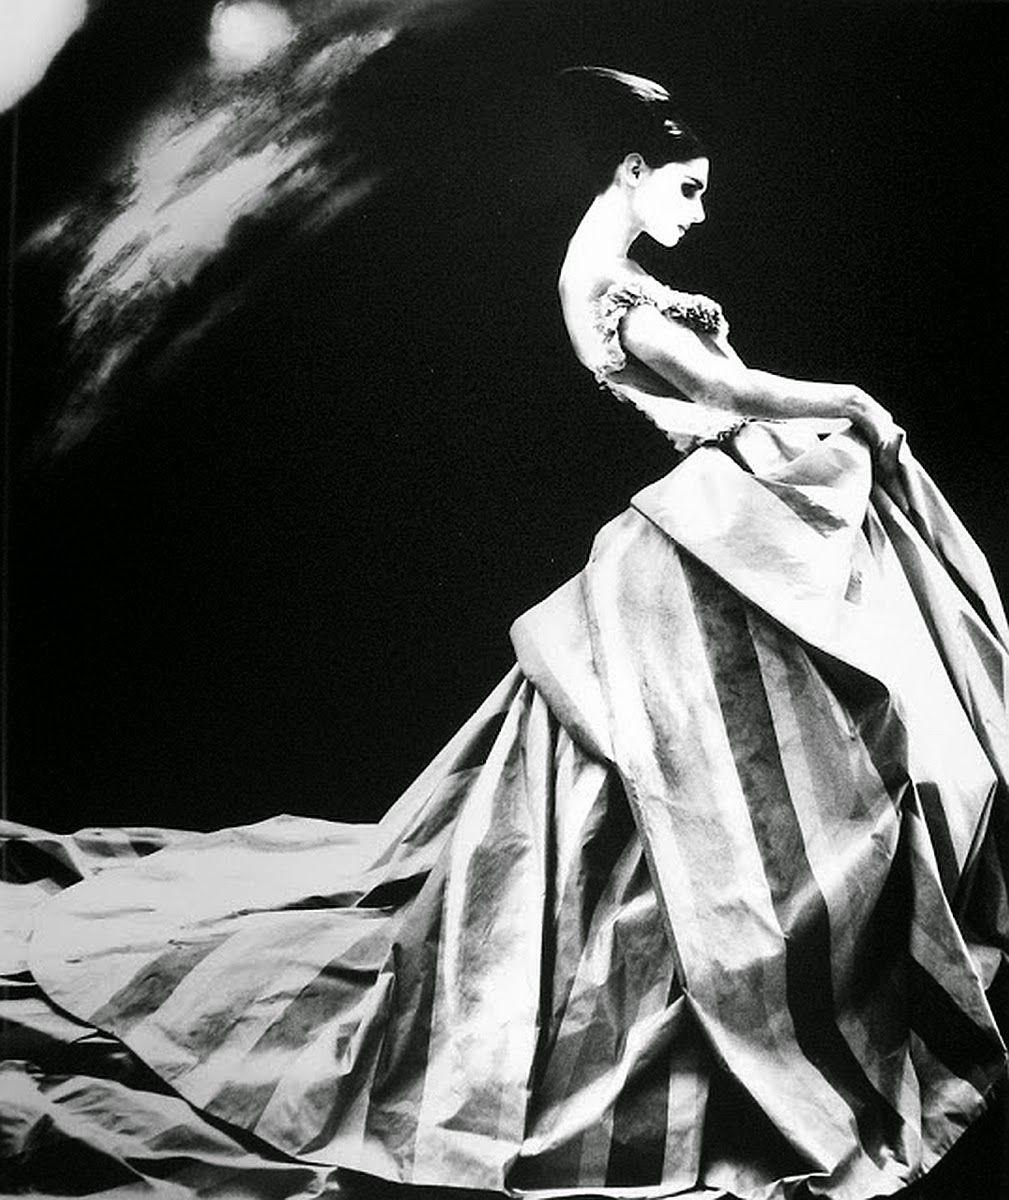 Hunger for style: No solo de bolsos vive Loewe   Lillian Bassman. Pinceladas   #exposición #moda #fotografía   Fundación #Loewe   #madrid